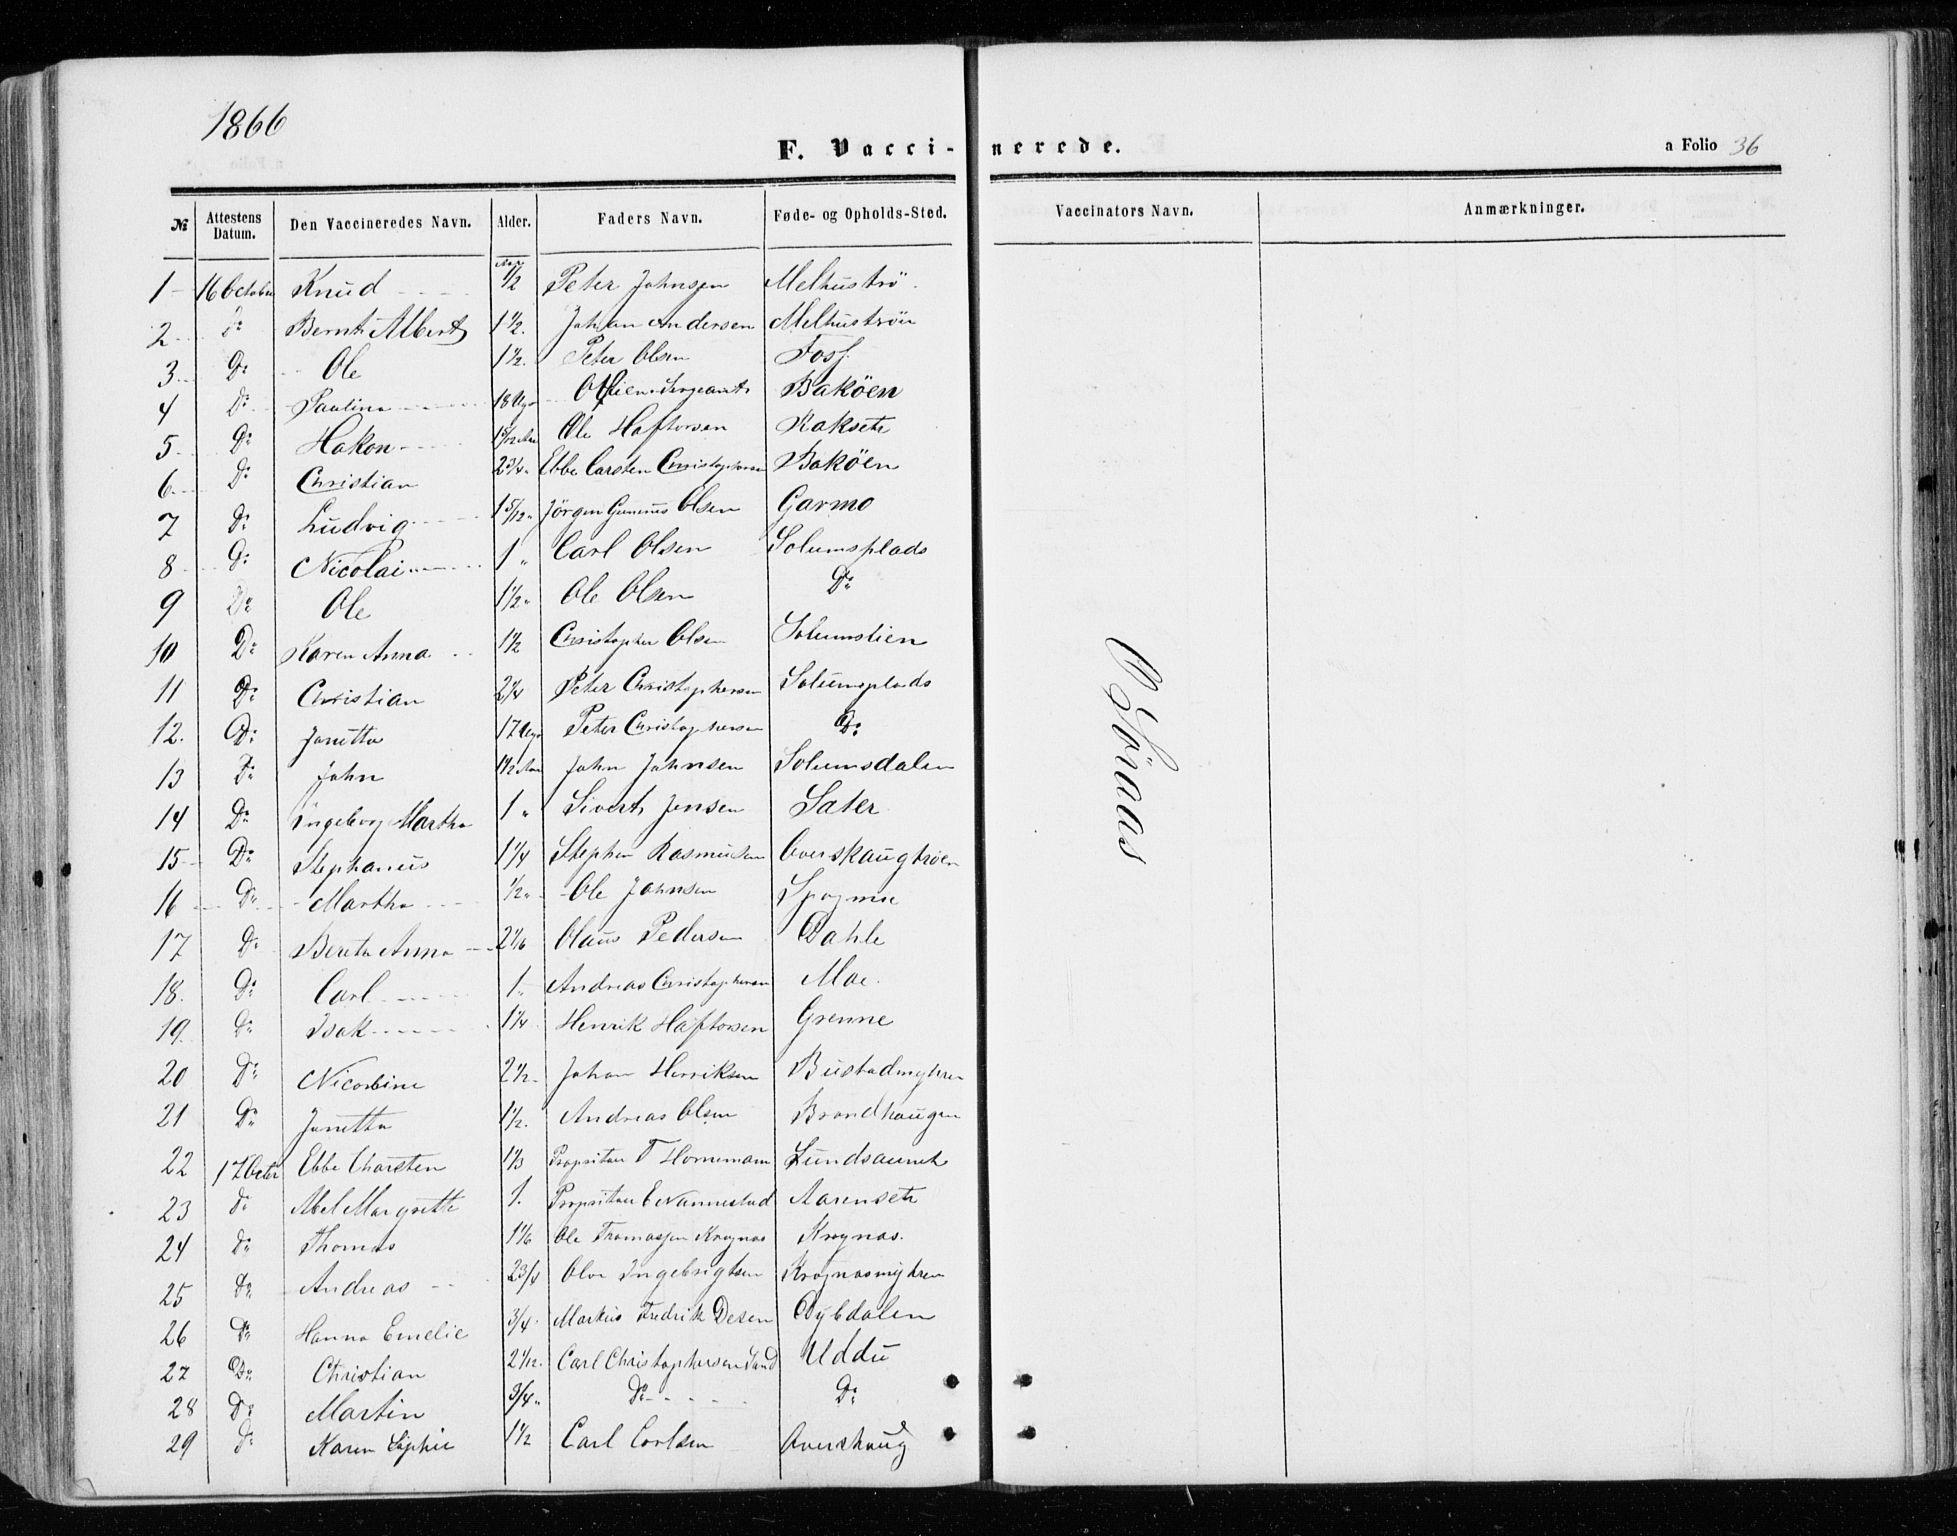 SAT, Ministerialprotokoller, klokkerbøker og fødselsregistre - Sør-Trøndelag, 646/L0612: Ministerialbok nr. 646A10, 1858-1869, s. 36